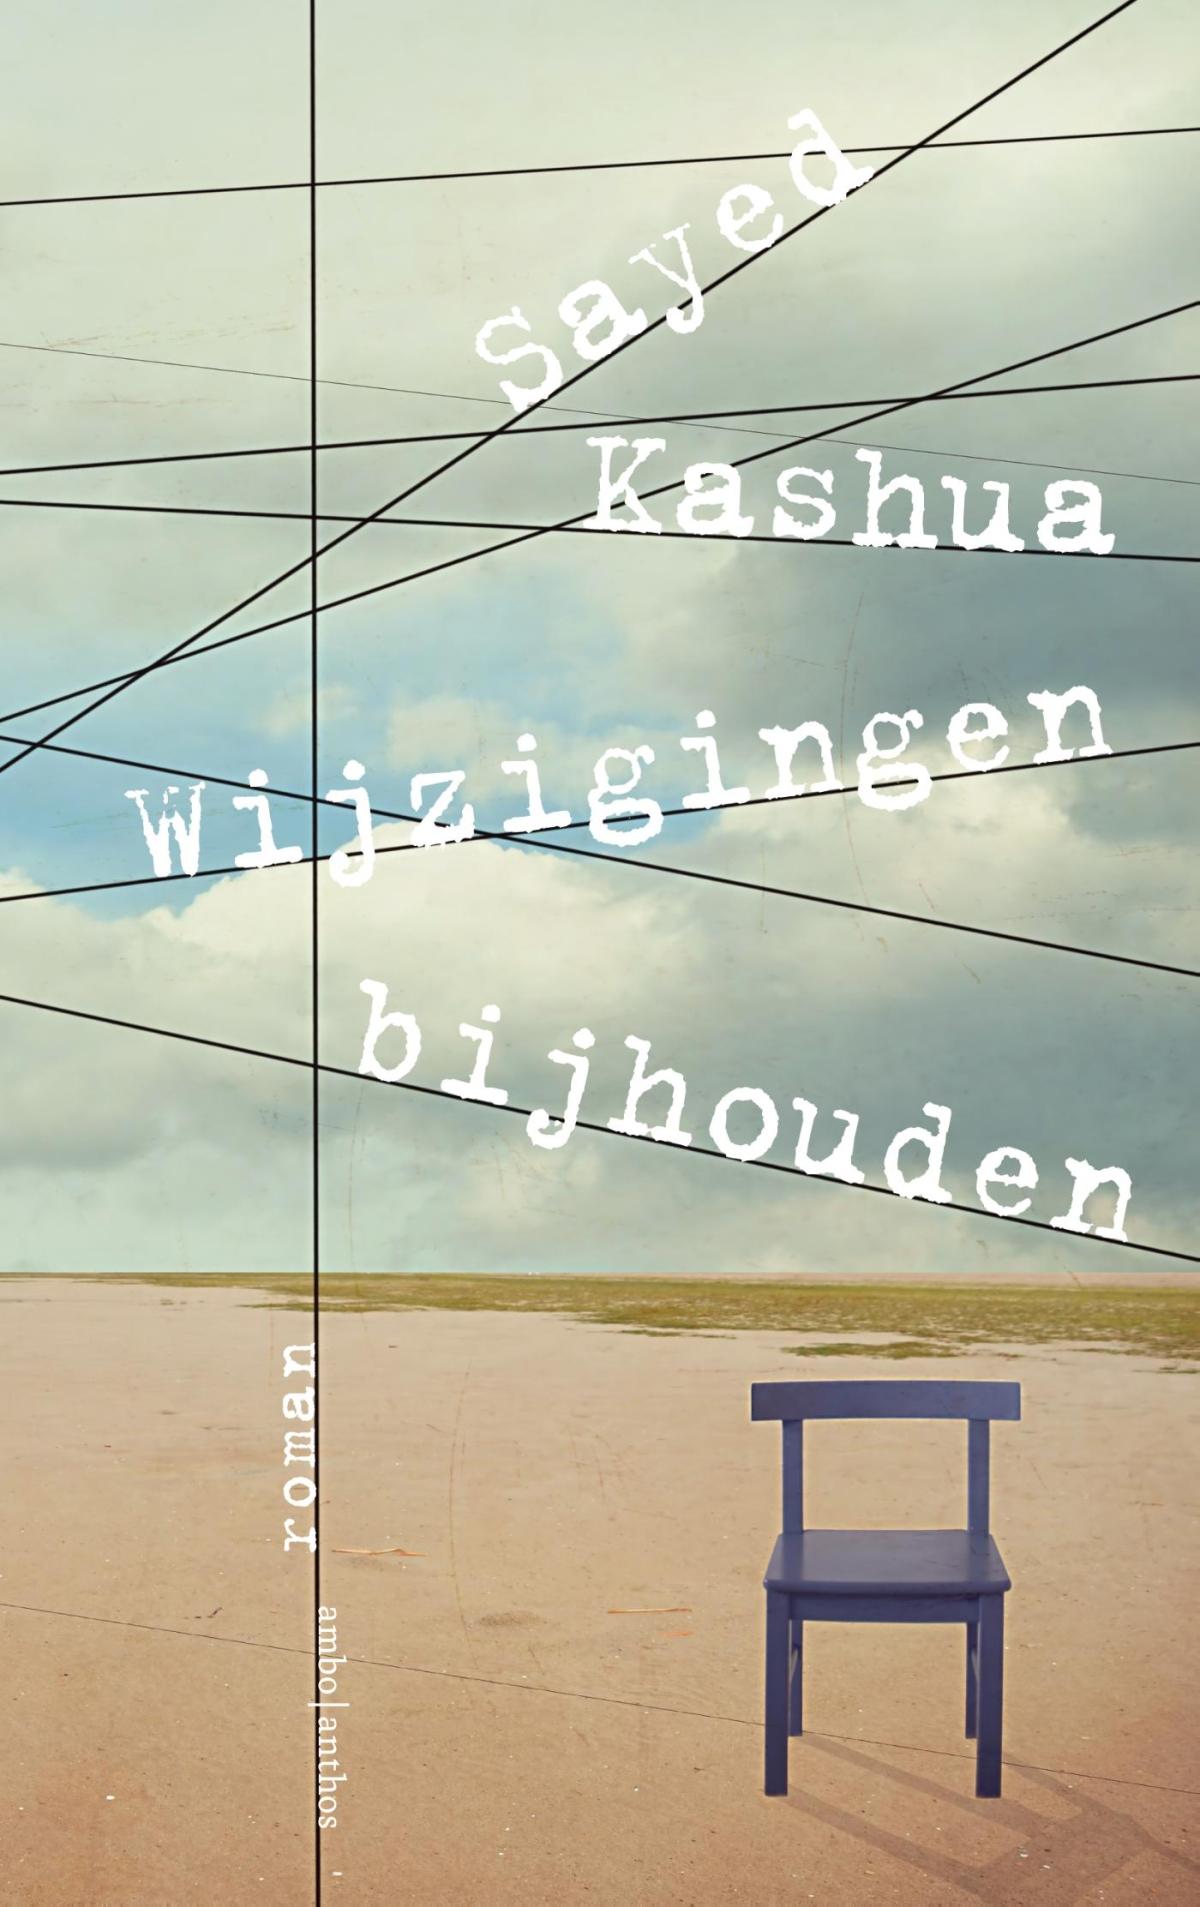 Wijzigingen bijhouden - Sayed Kashua